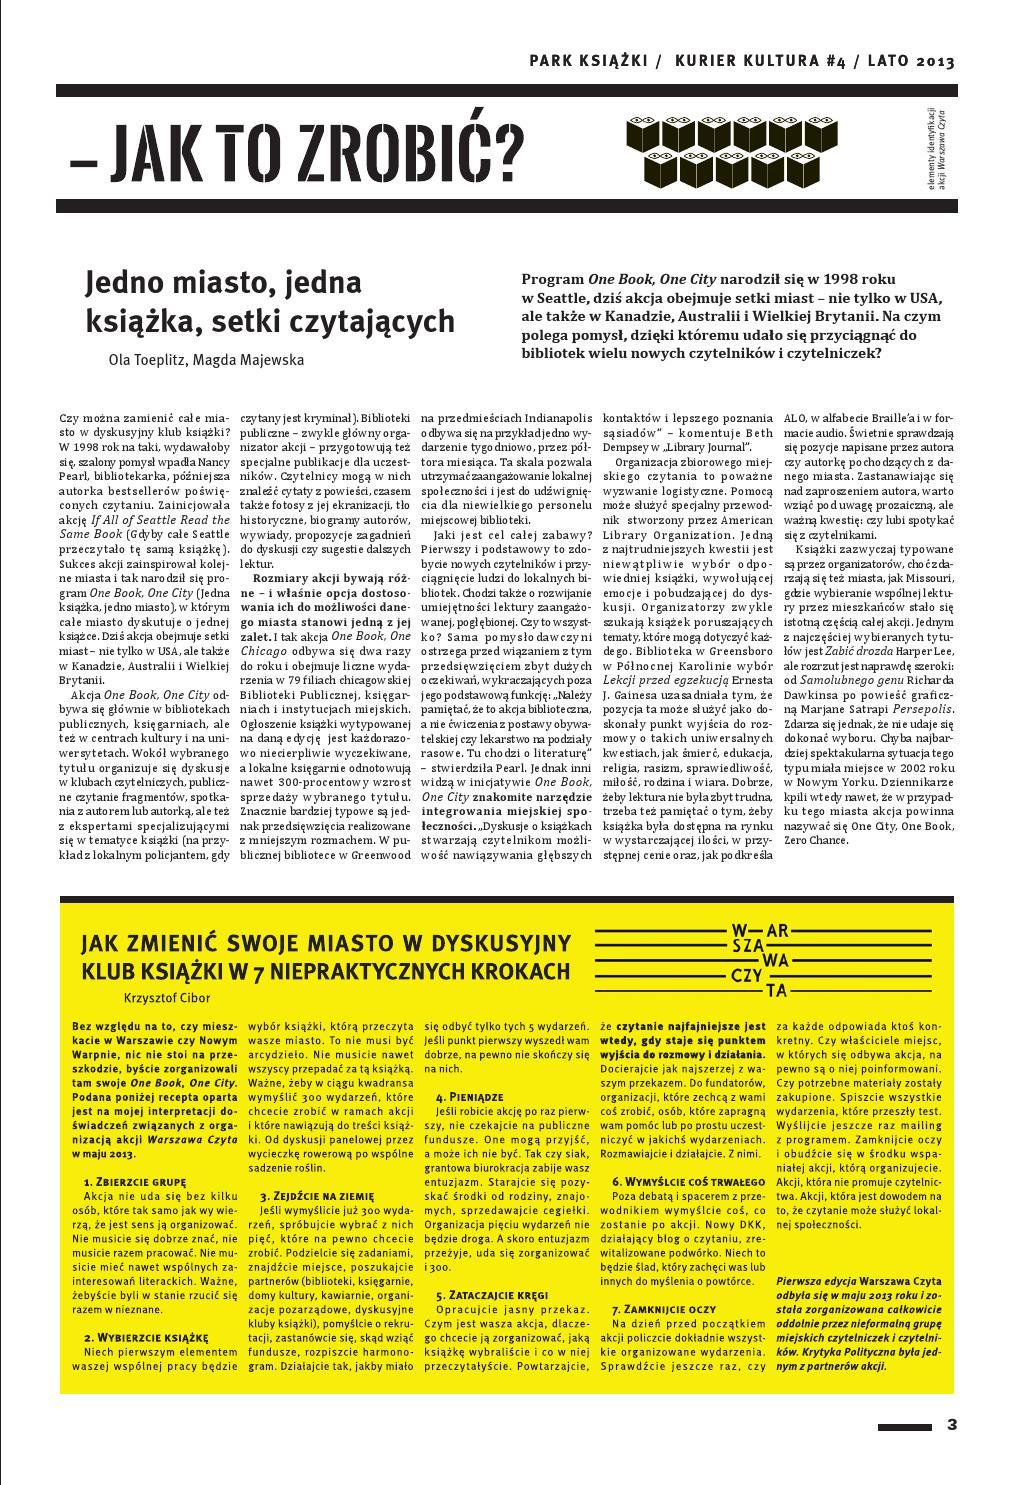 Kurier Kultura #4: Lato 2013 / Książki by Krytyka Polityczna